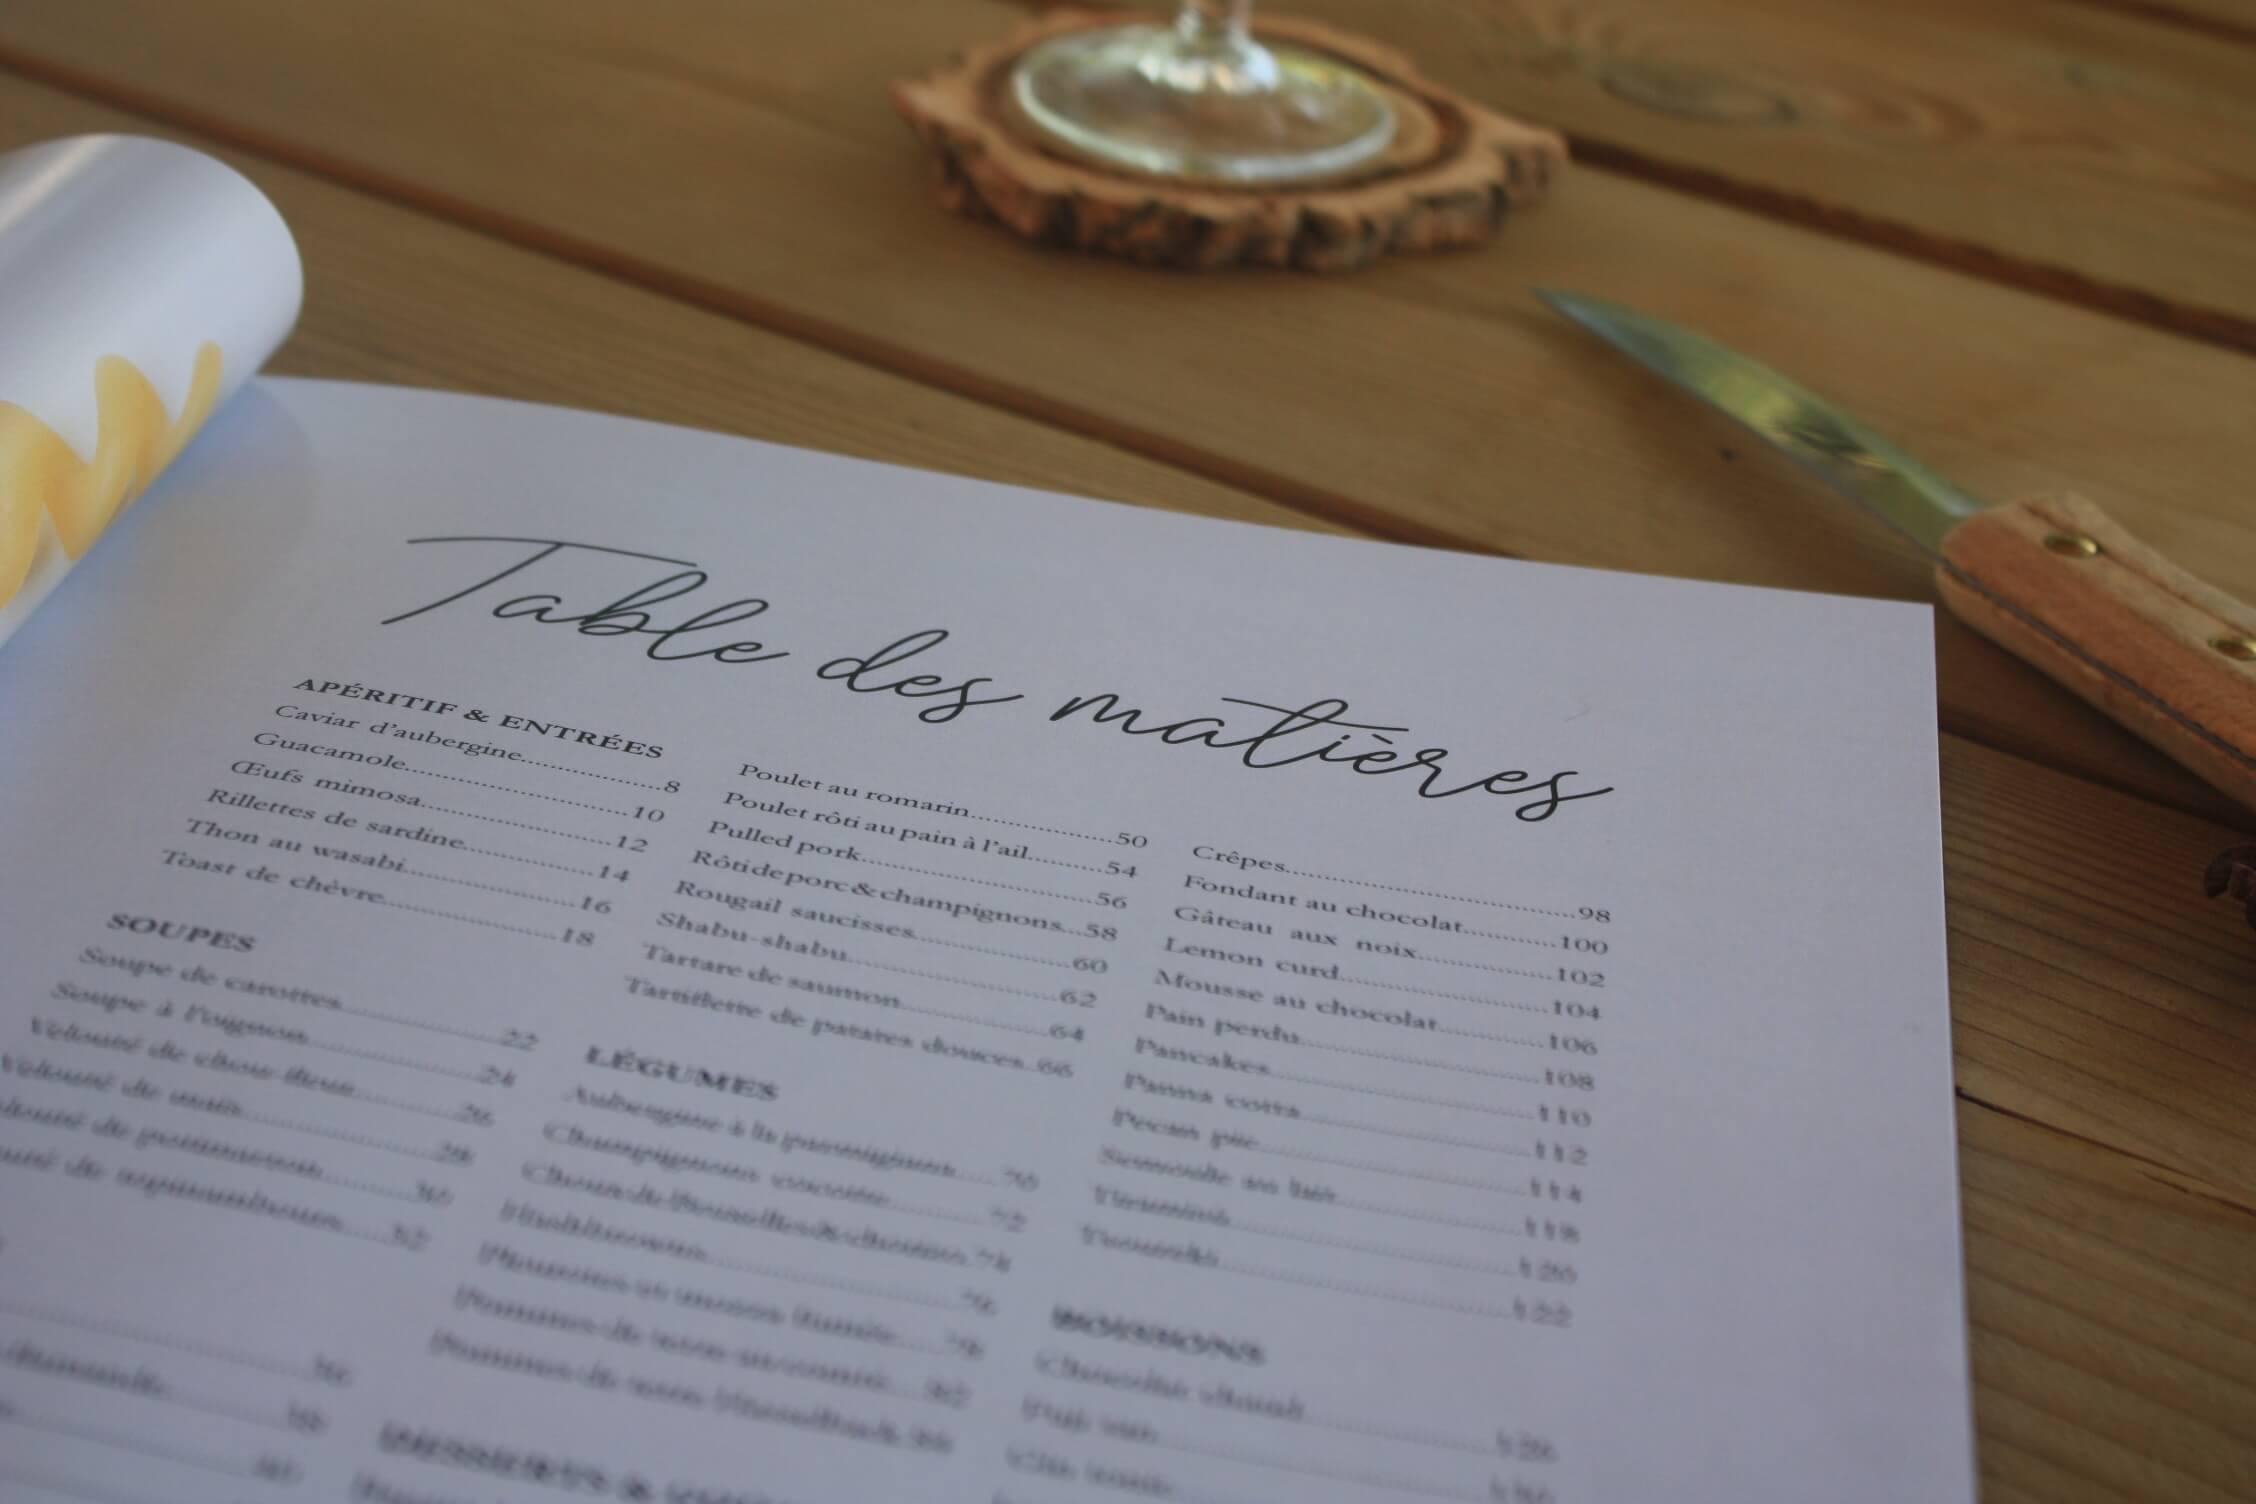 tables-des-matieres-livre-recette-personnalise